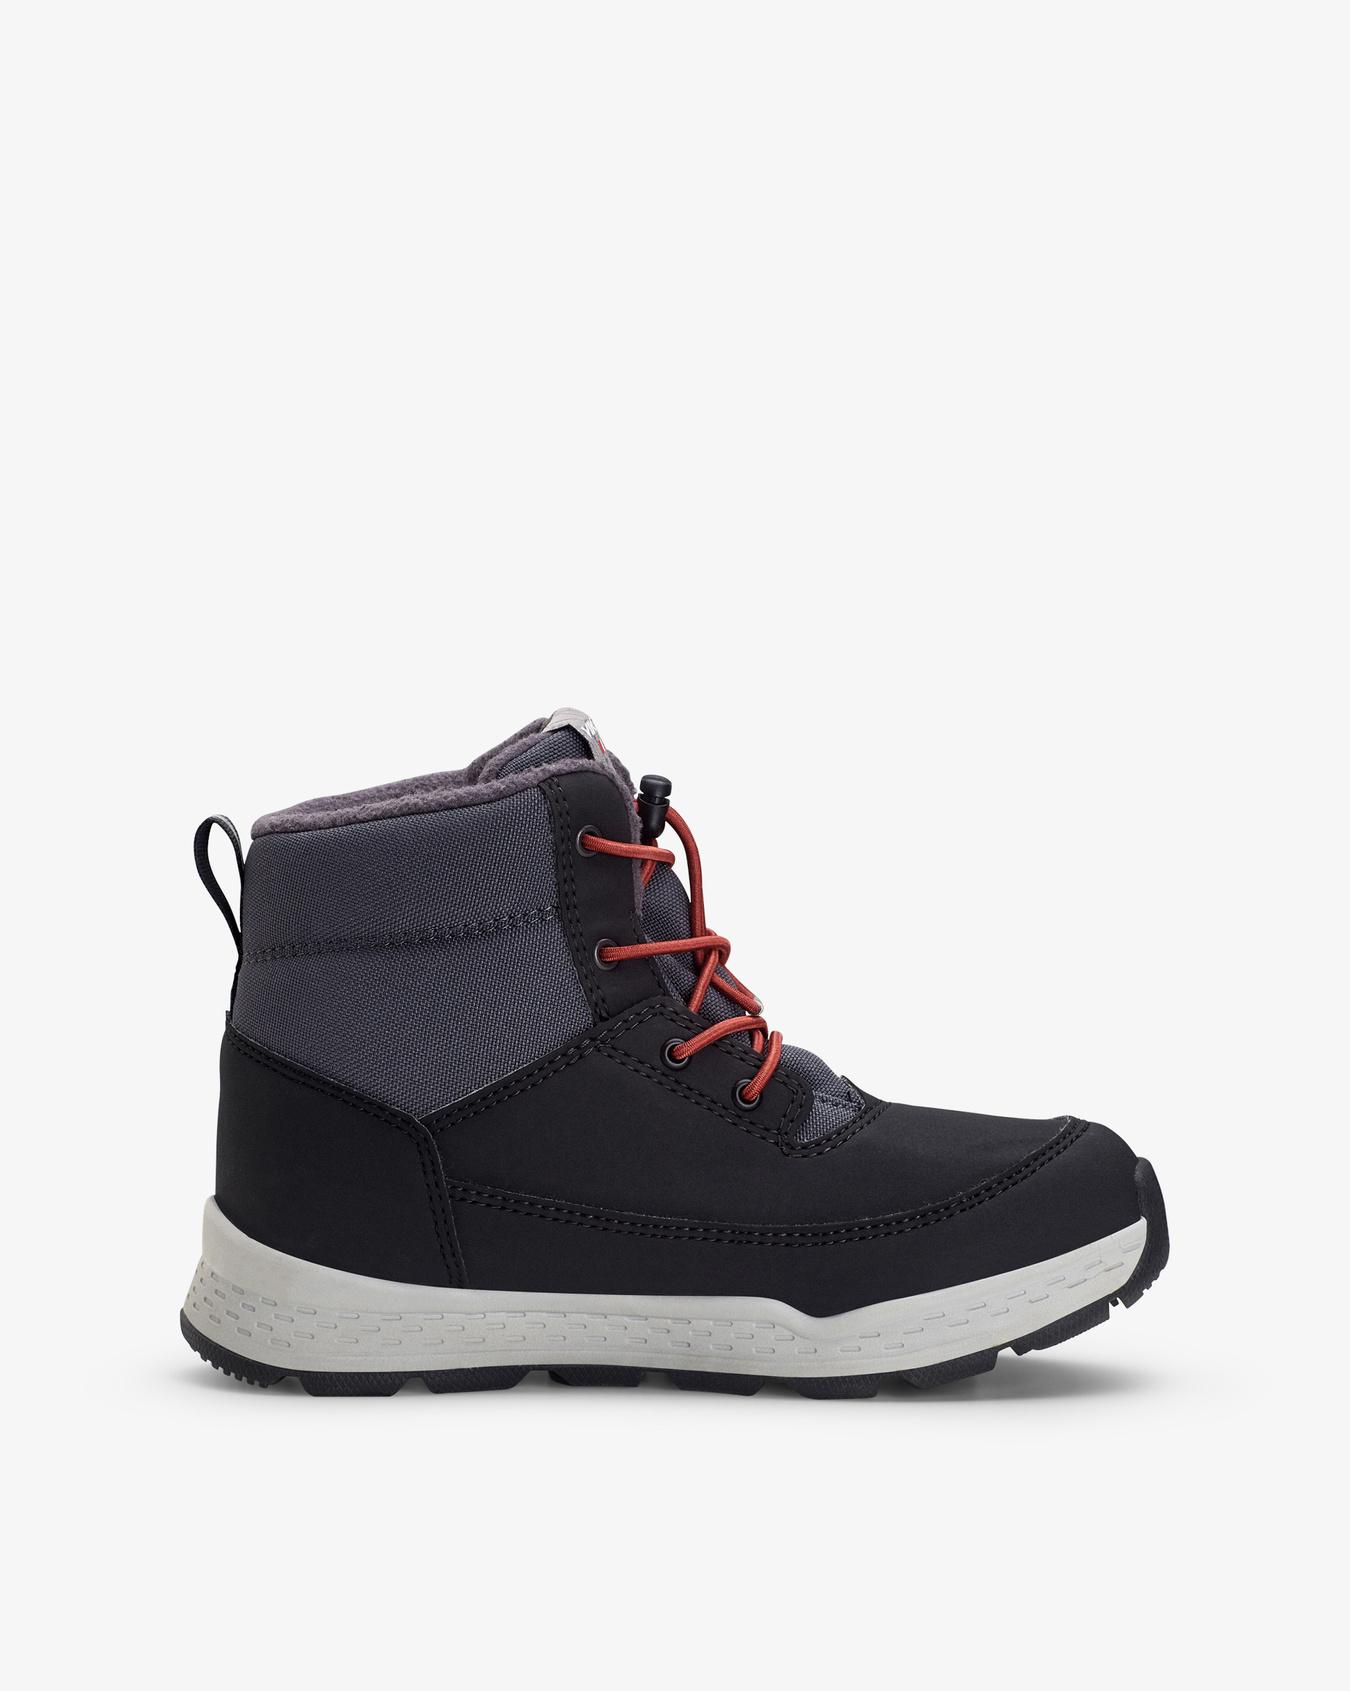 Sjur Black Winter Boots